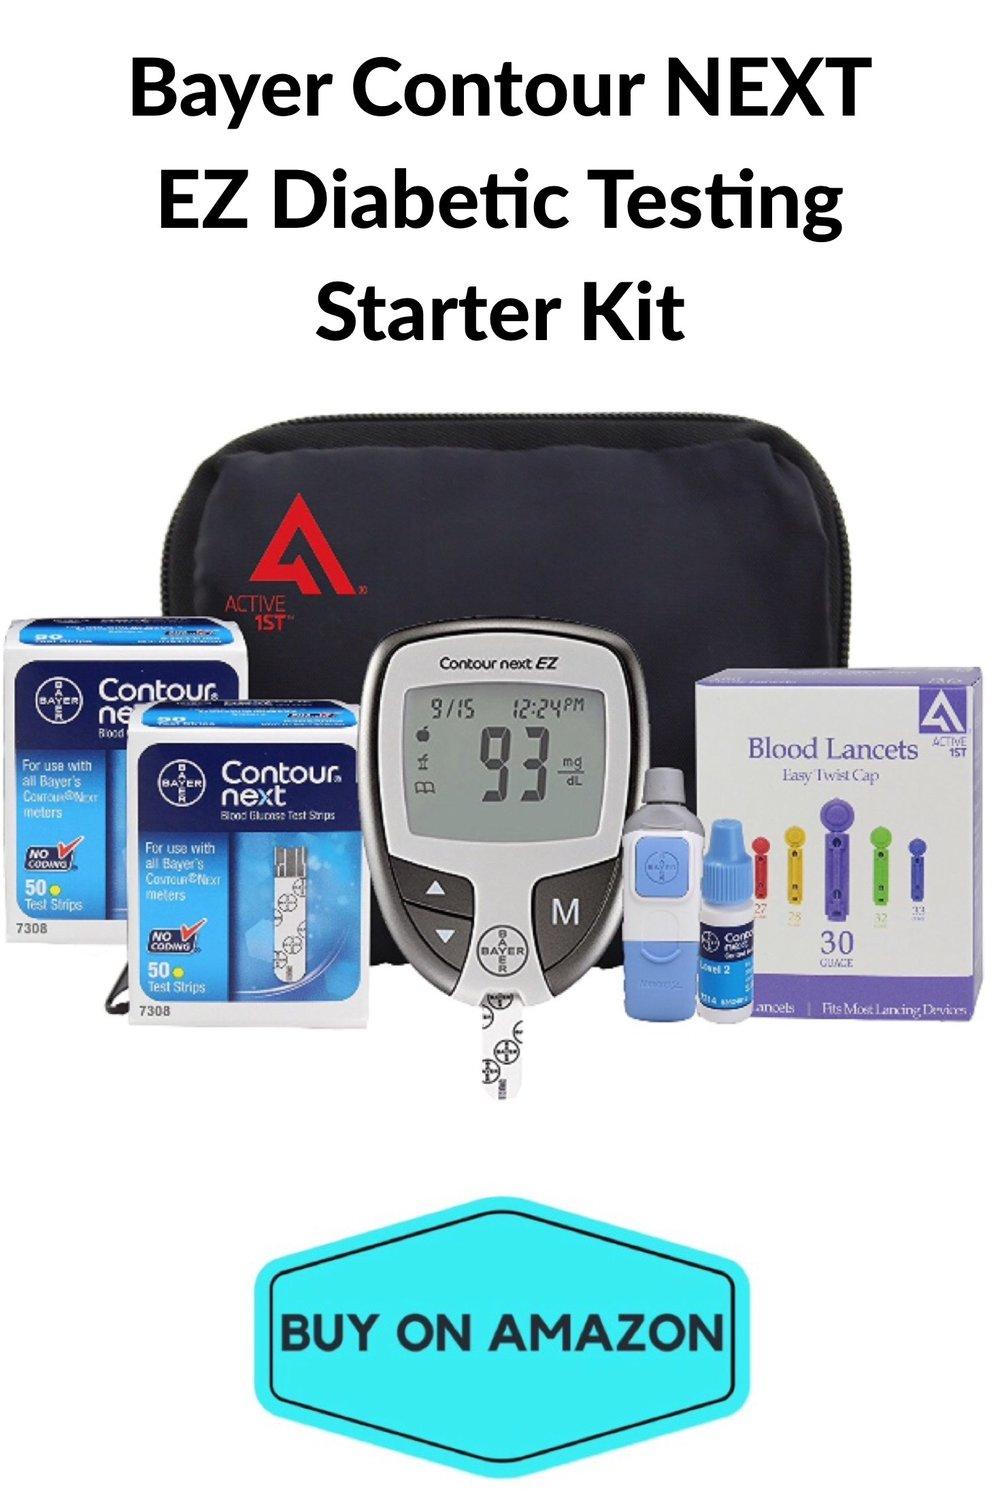 EZ Diabetic Testing Starter Kit